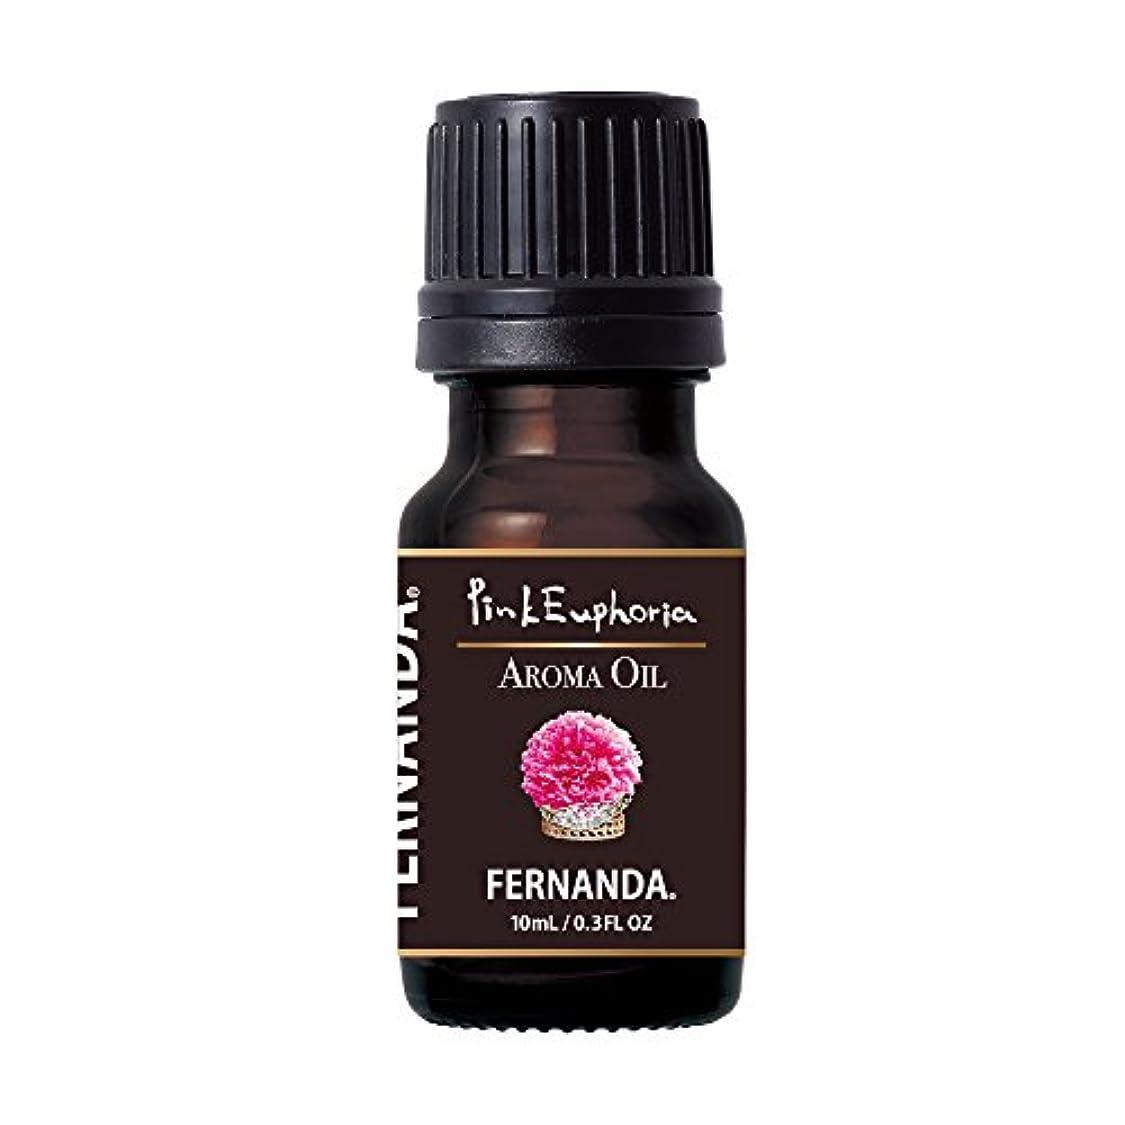 キャップ暴徒同志FERNANDA(フェルナンダ) Fragrance Aroma Oil Pink Euphoria (アロマオイル ピンクエウフォリア)